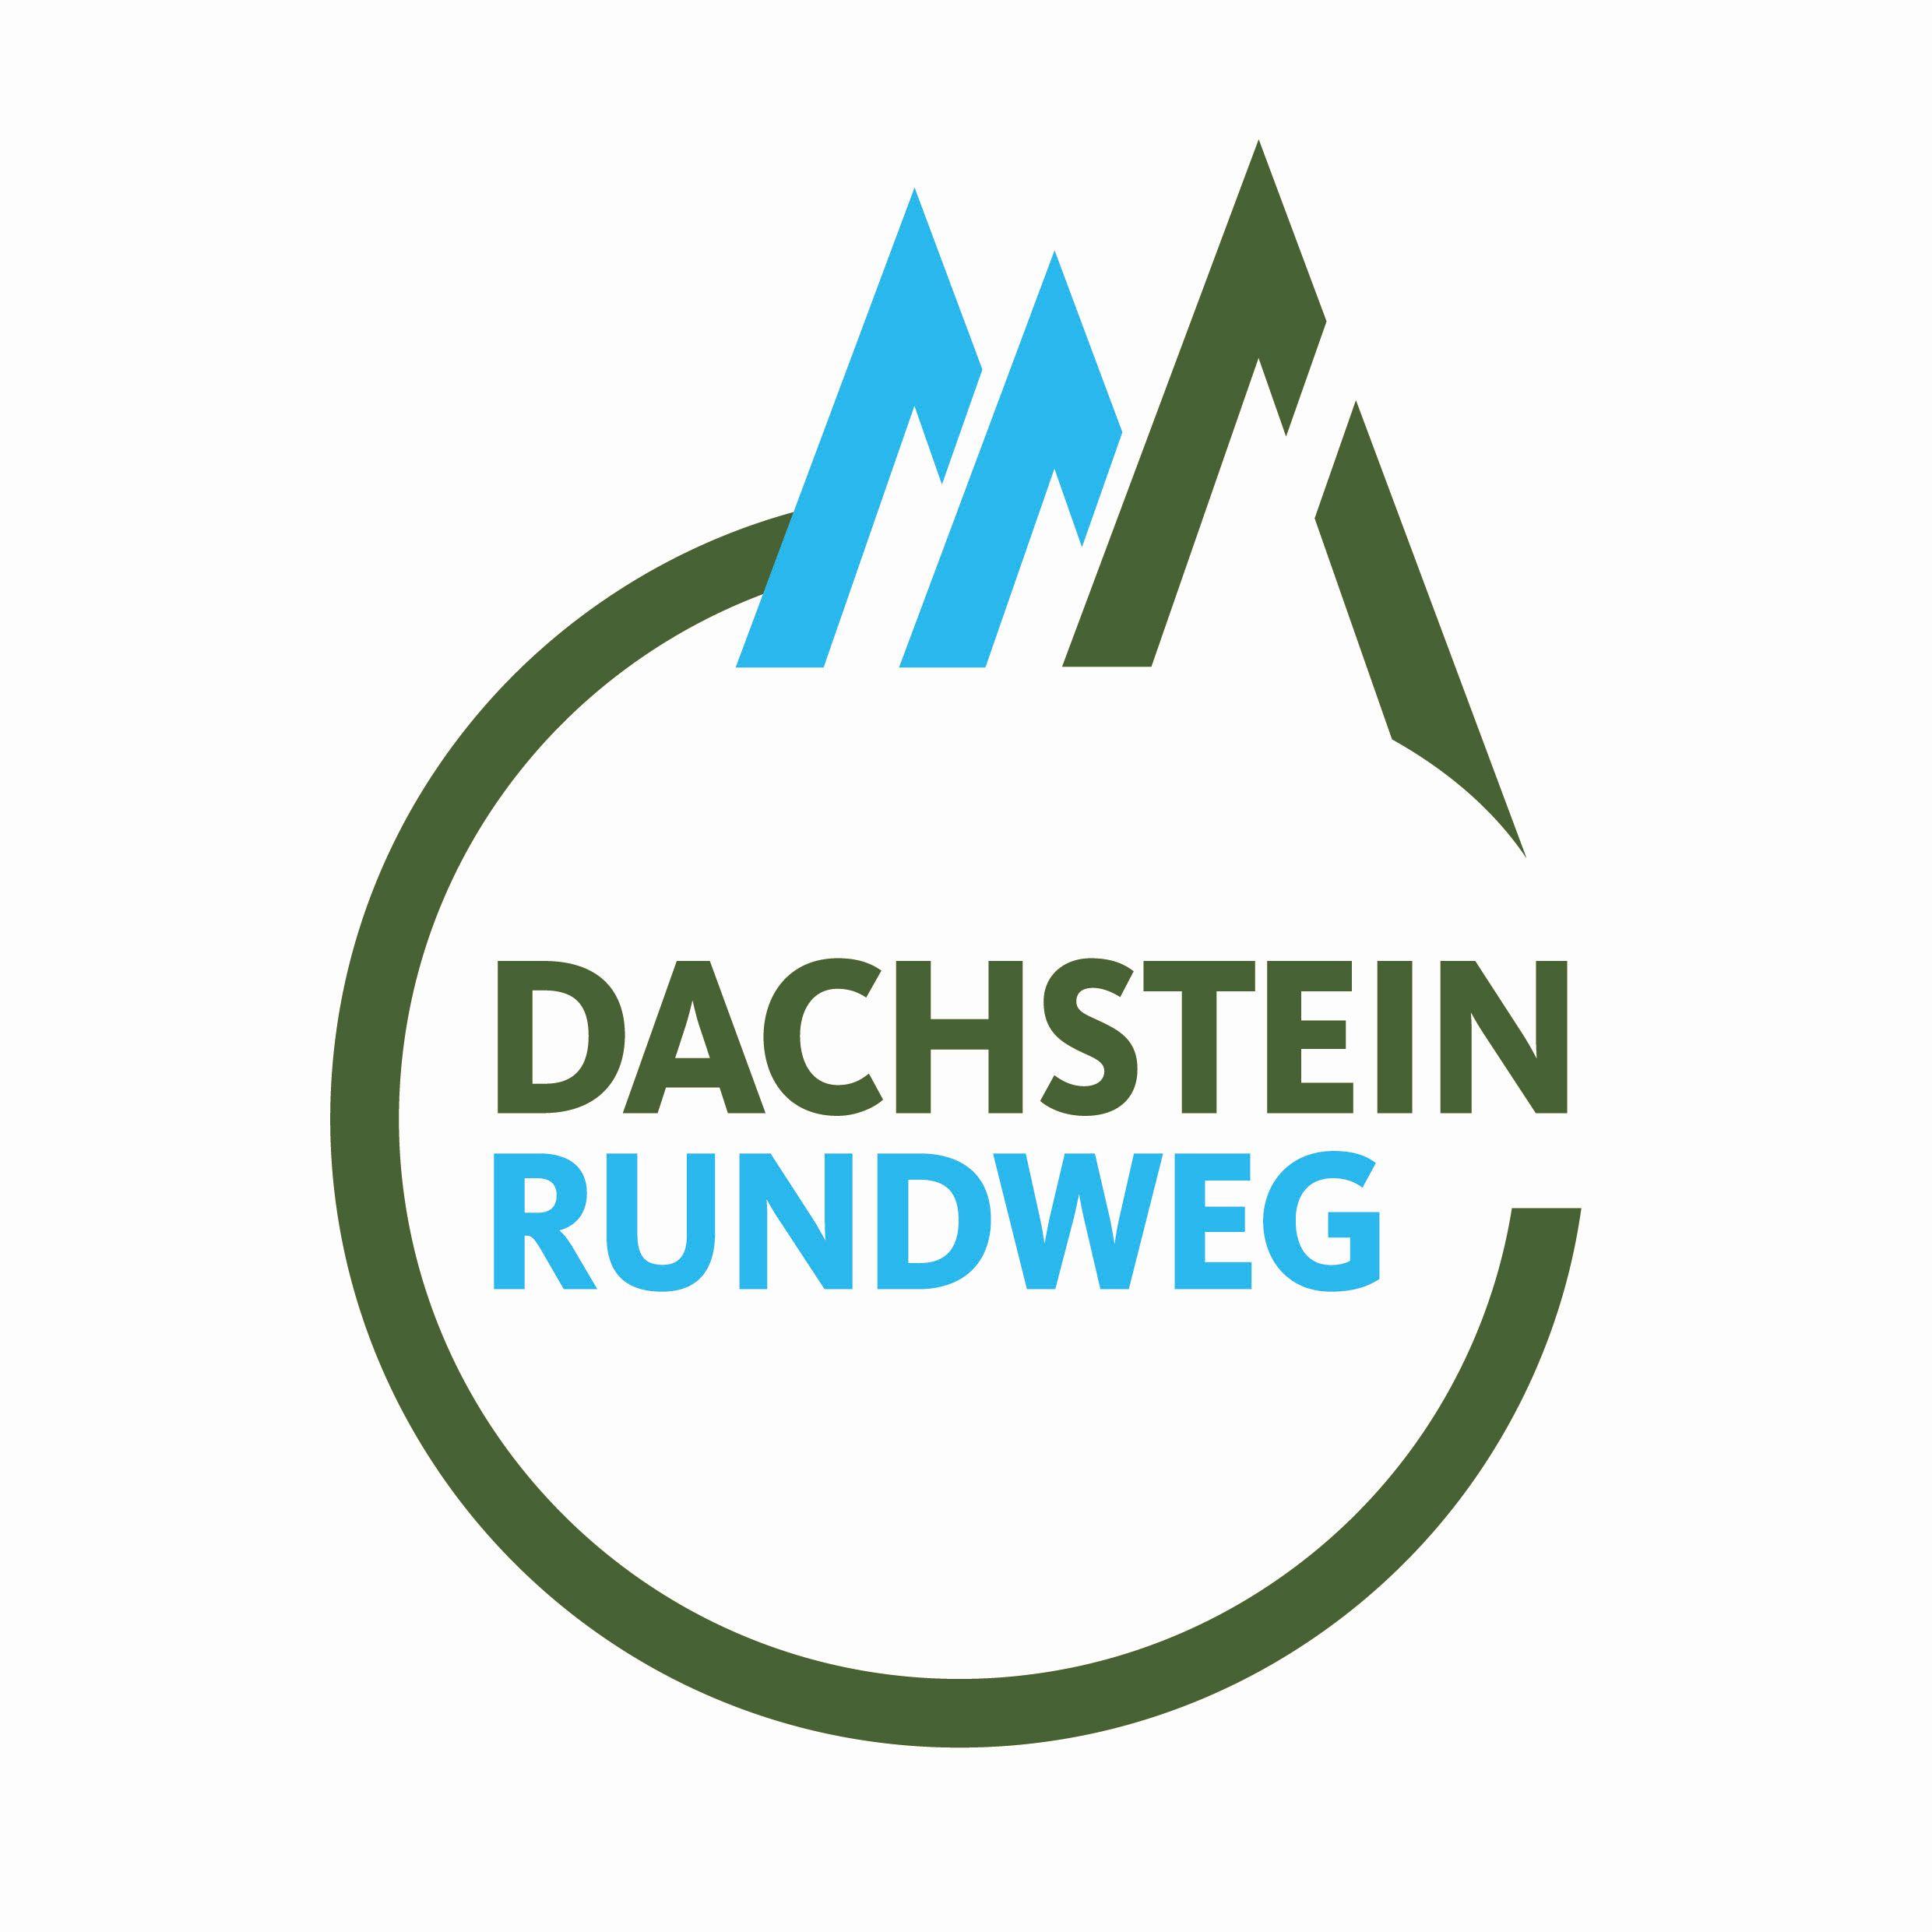 Dachstein Rundweg logoRZ 2014